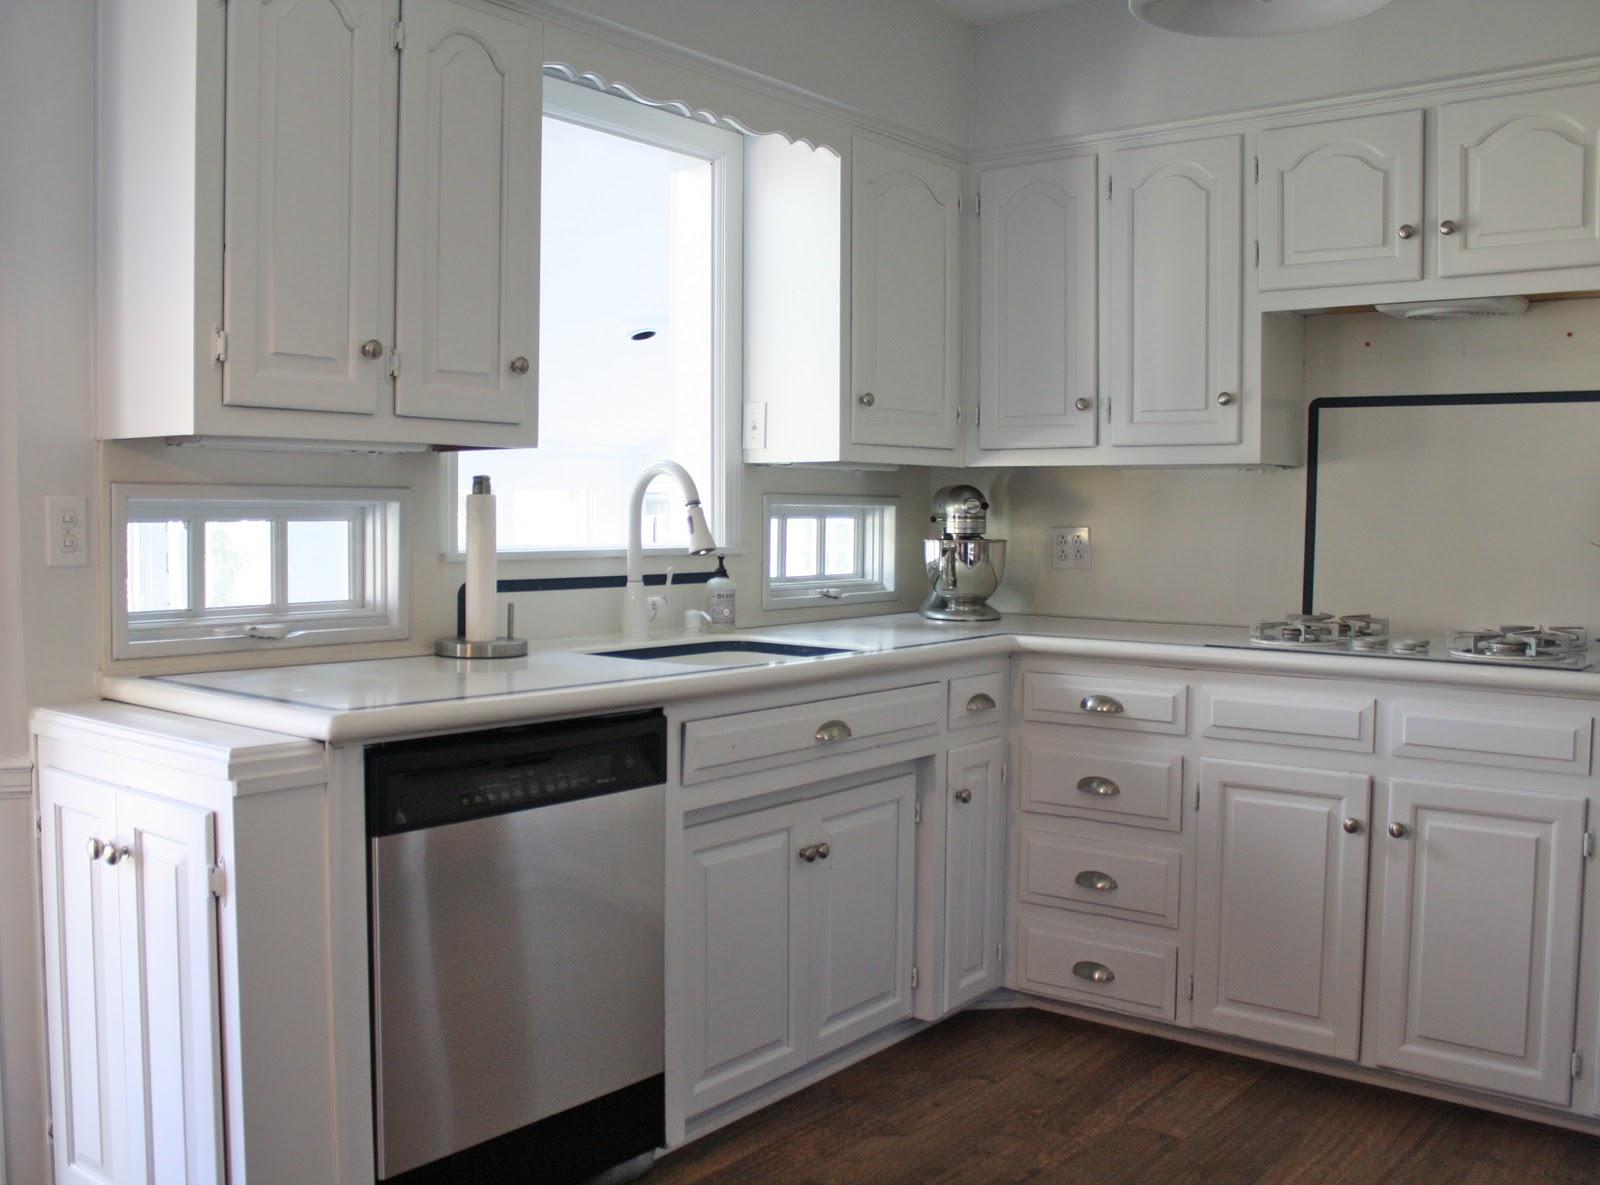 Kitchen Updates Julie Blanner